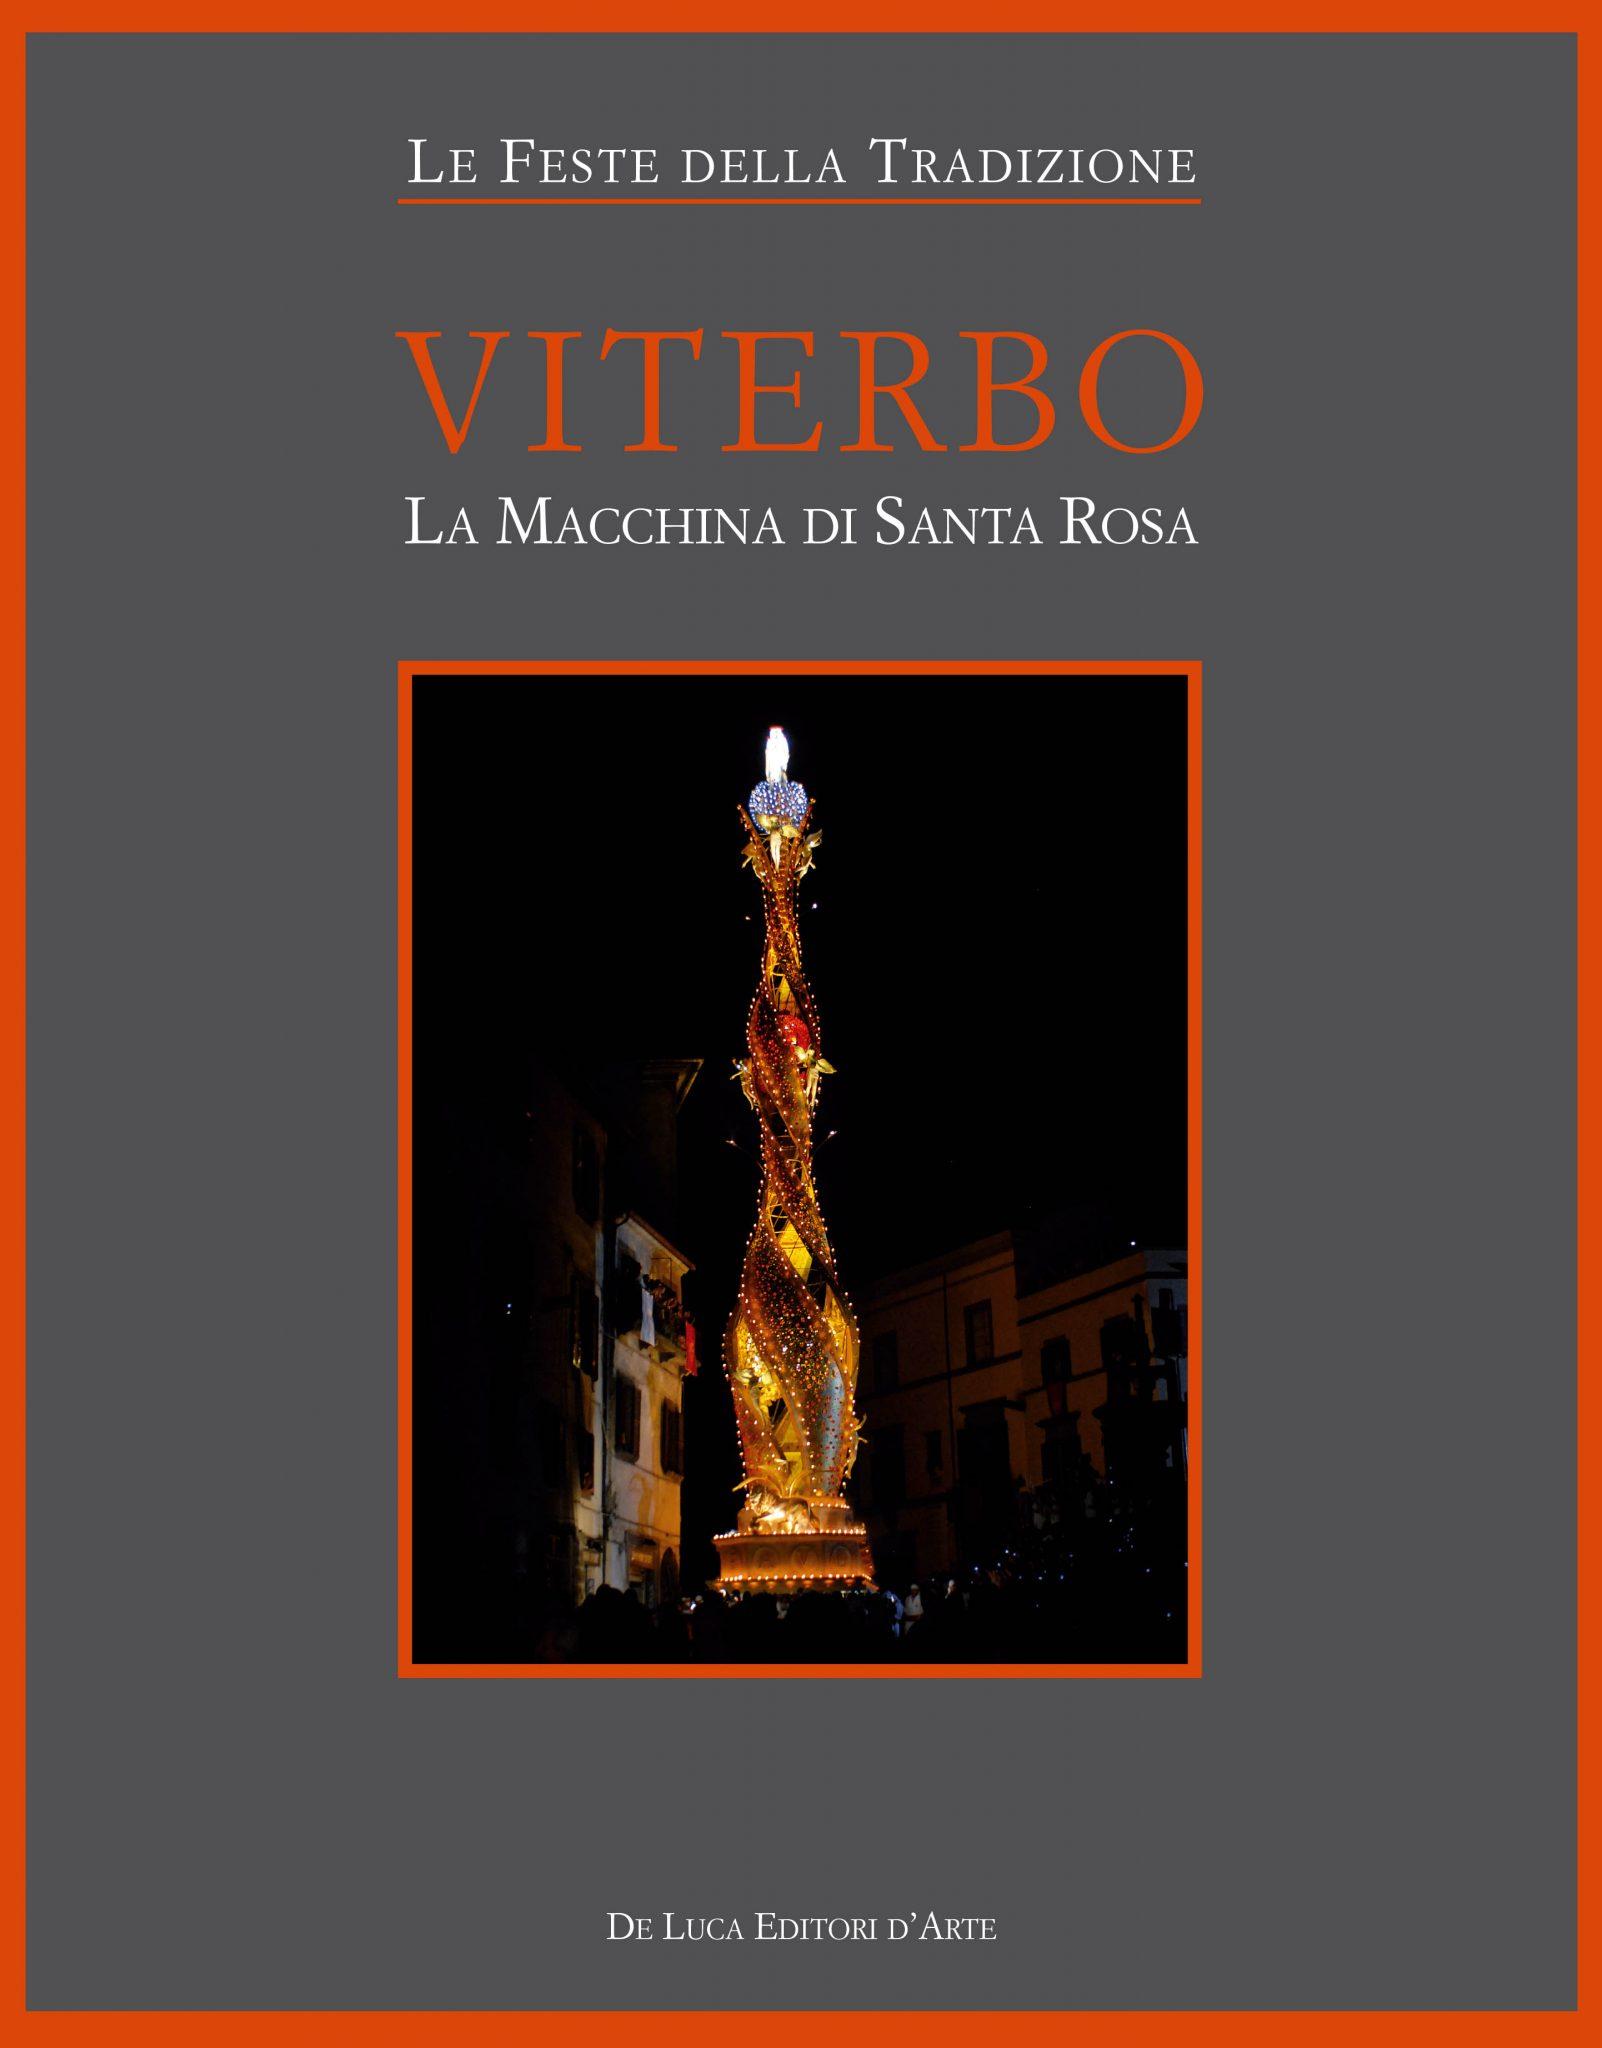 Viterbo – La macchina di santa Rosa